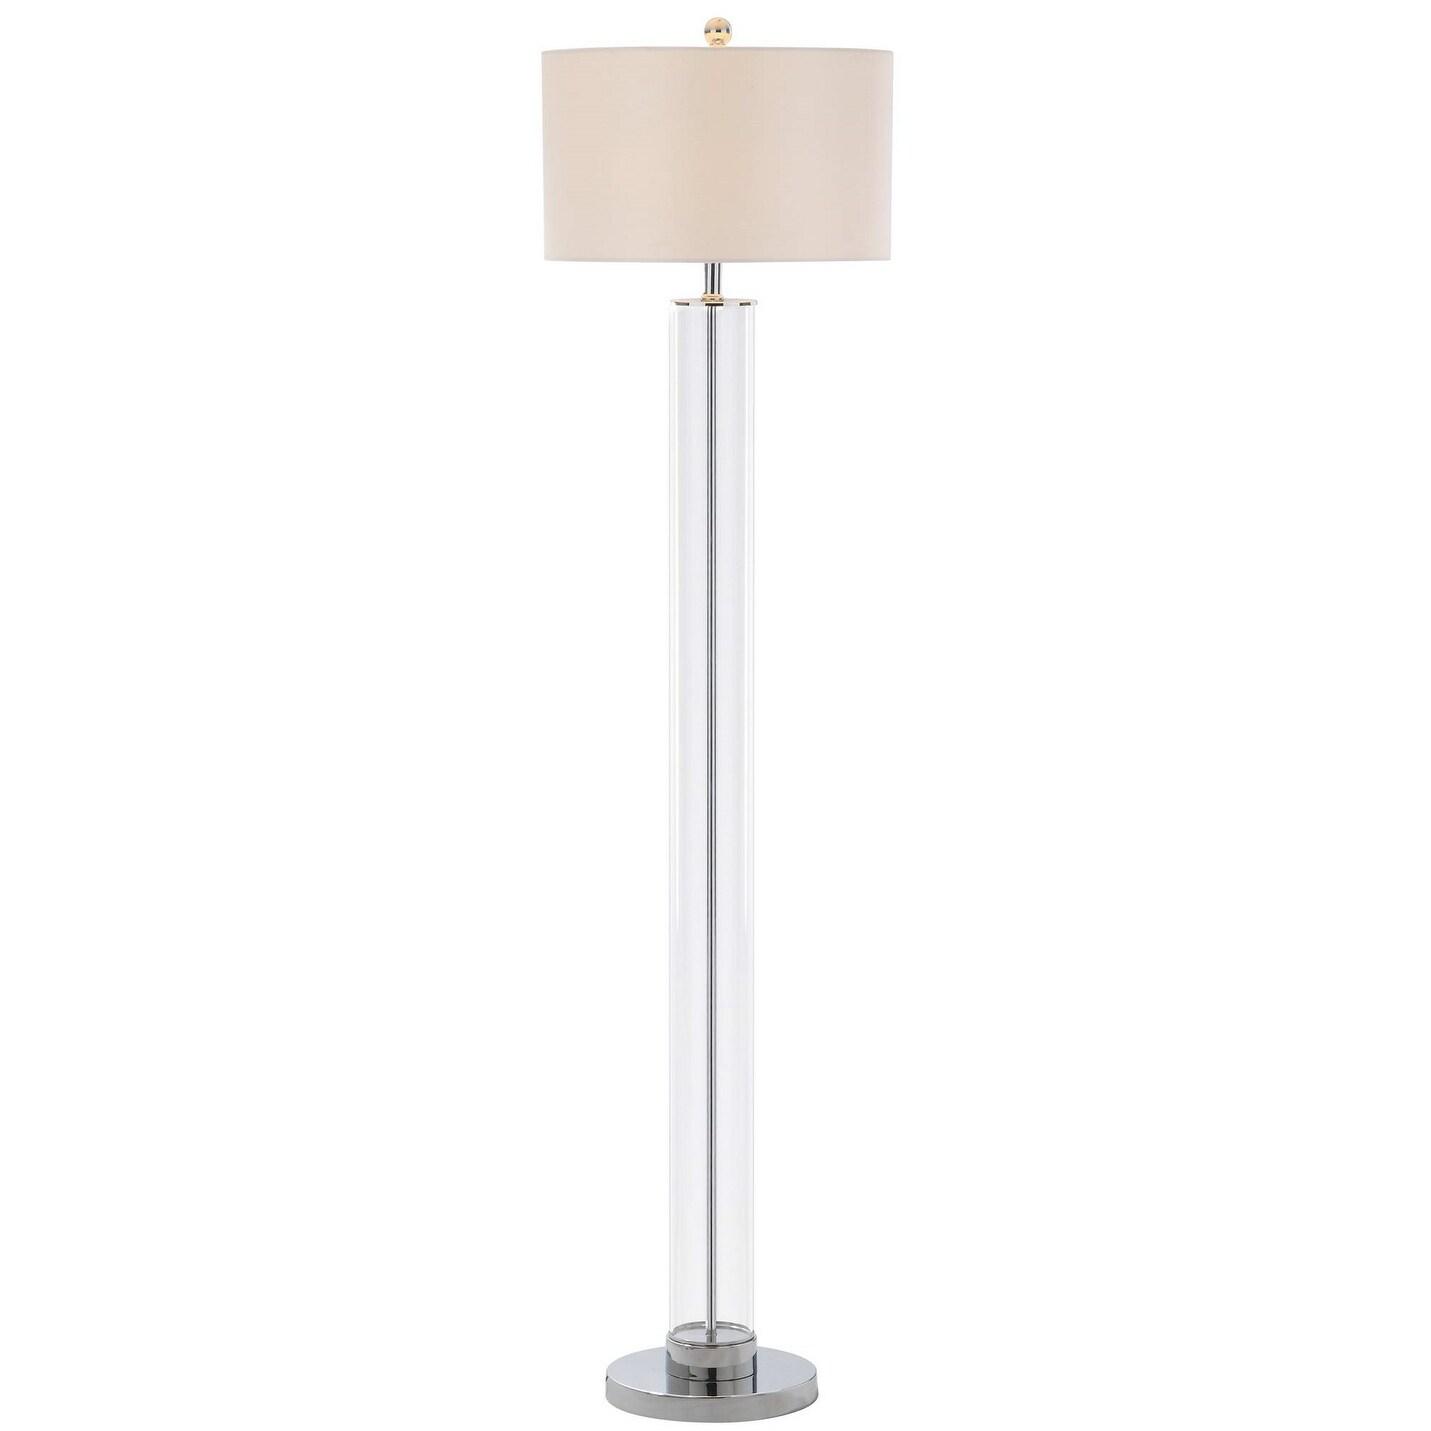 Safavieh Lighting 64 Inch Lovato Chrome Led Floor Lamp 15 X 15 X 64 Overstock 23614776